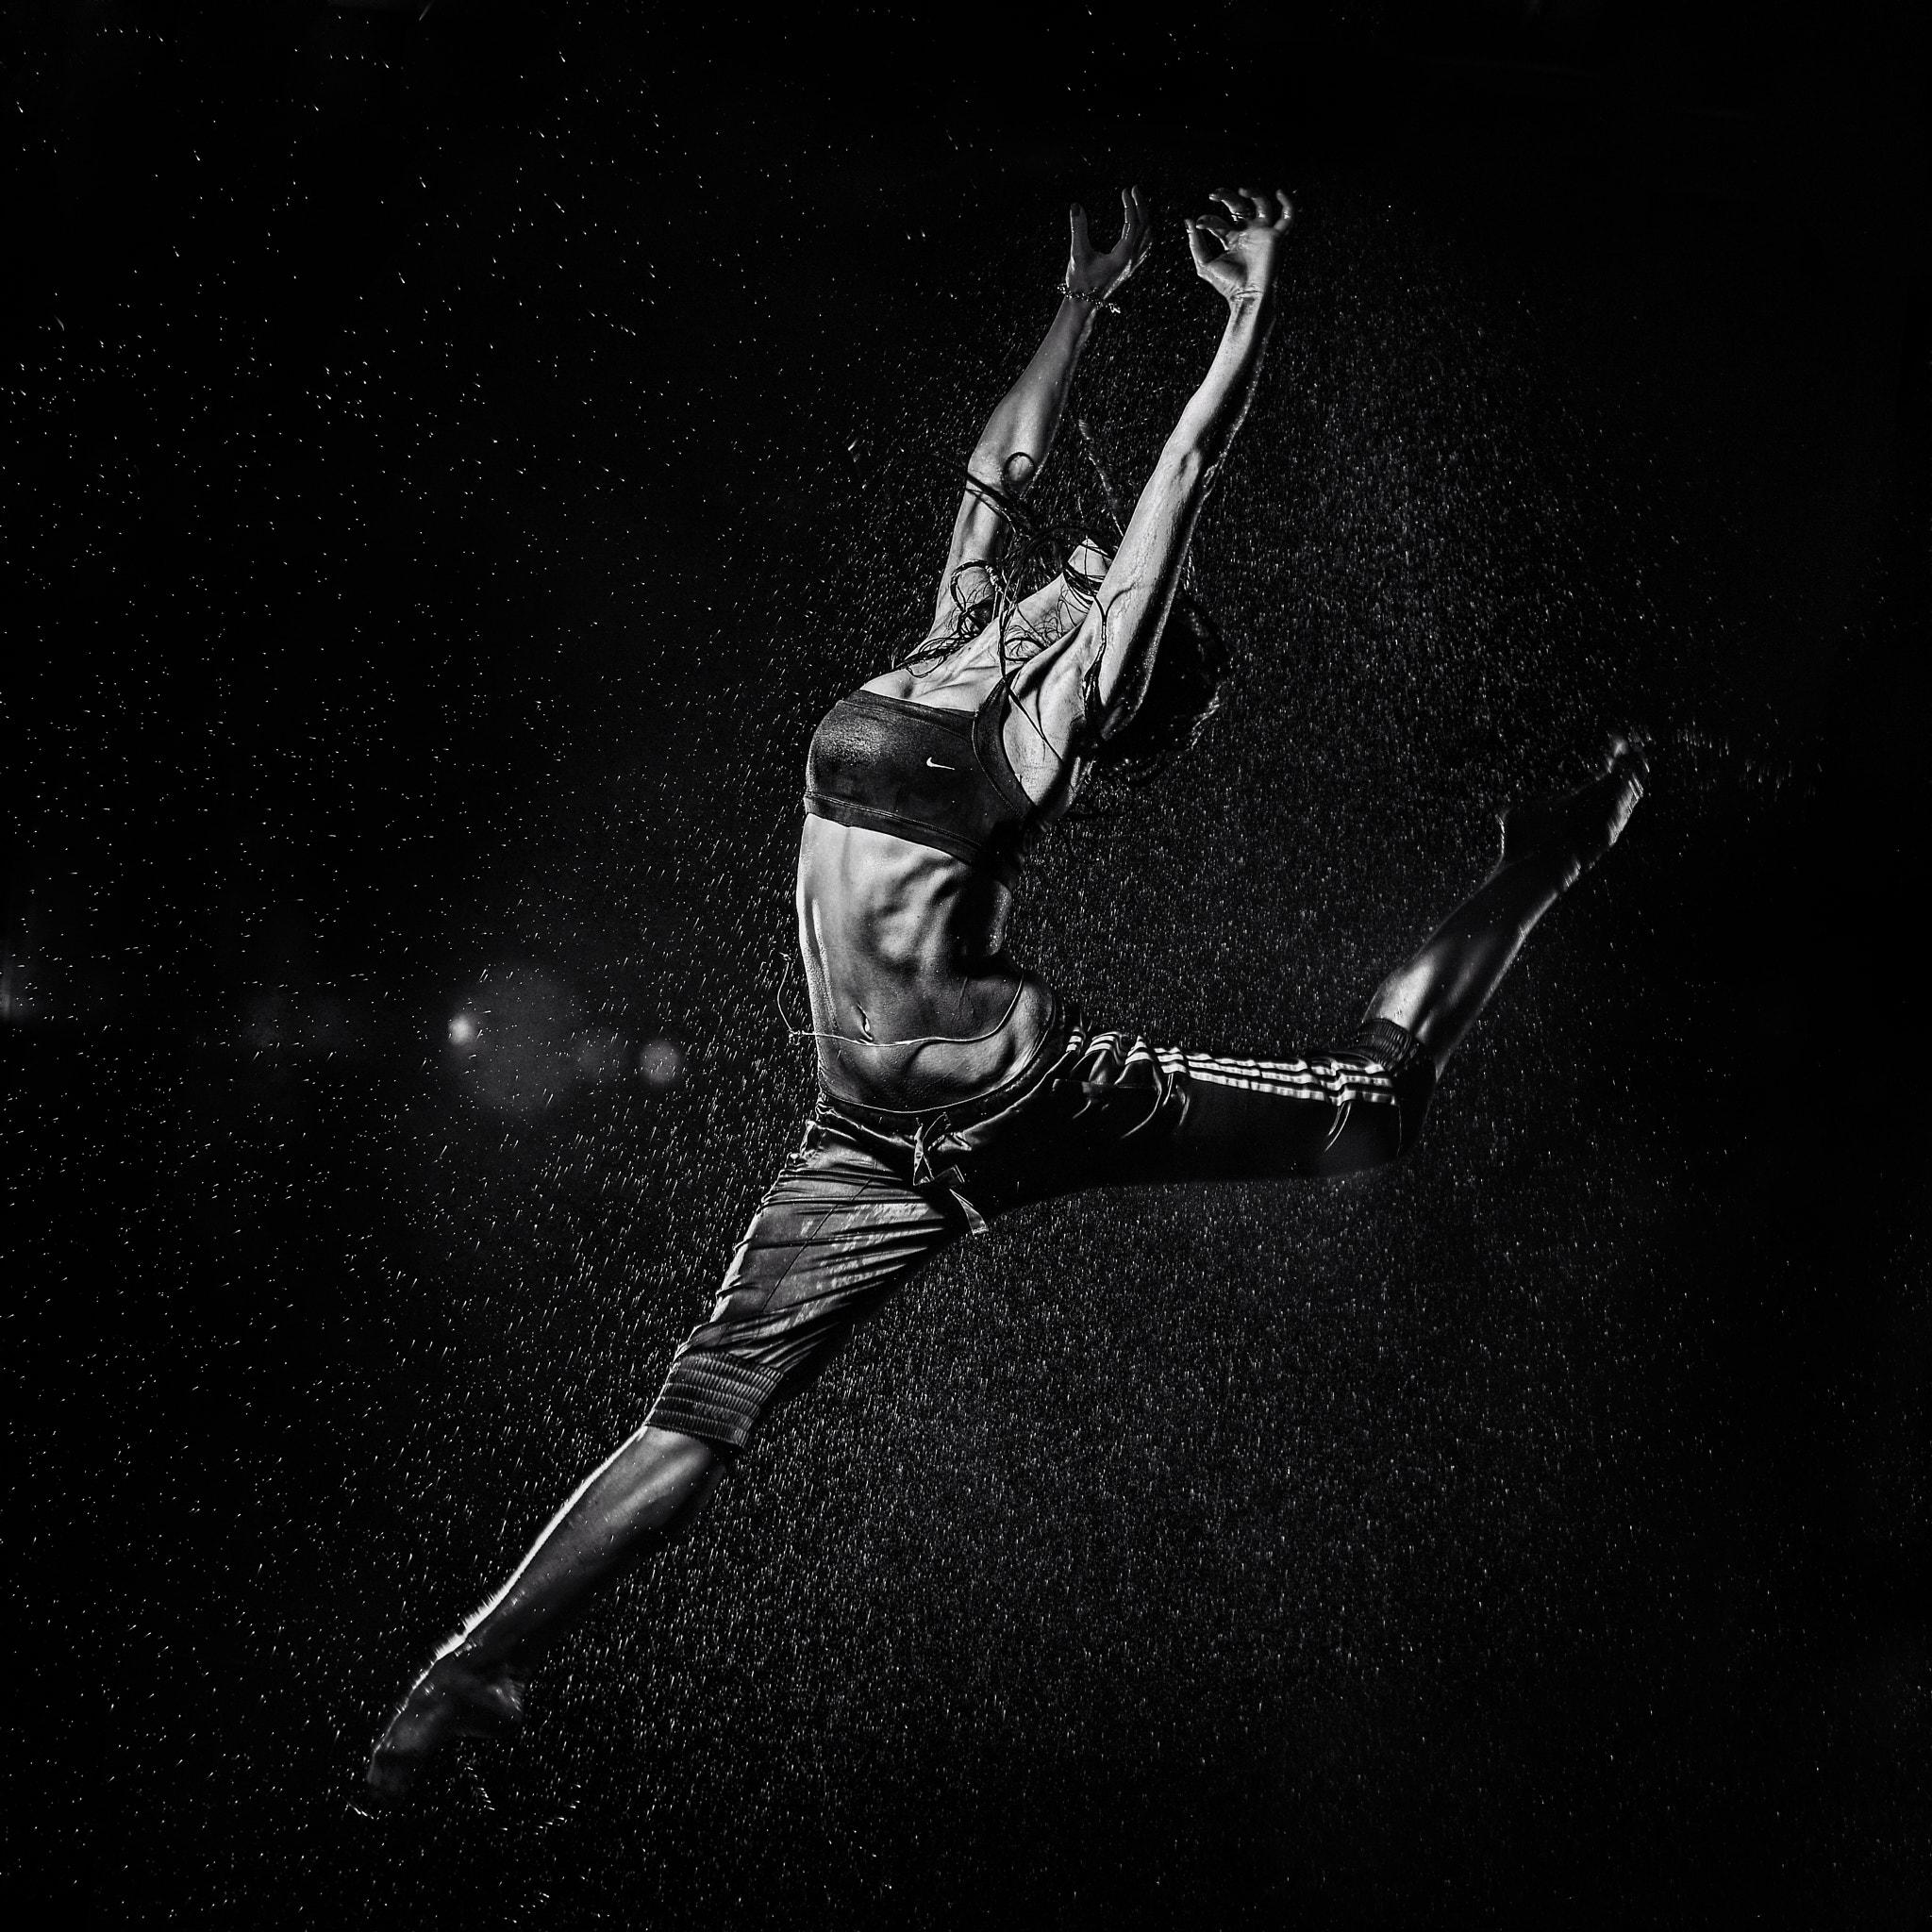 картинка темная танцы хотите